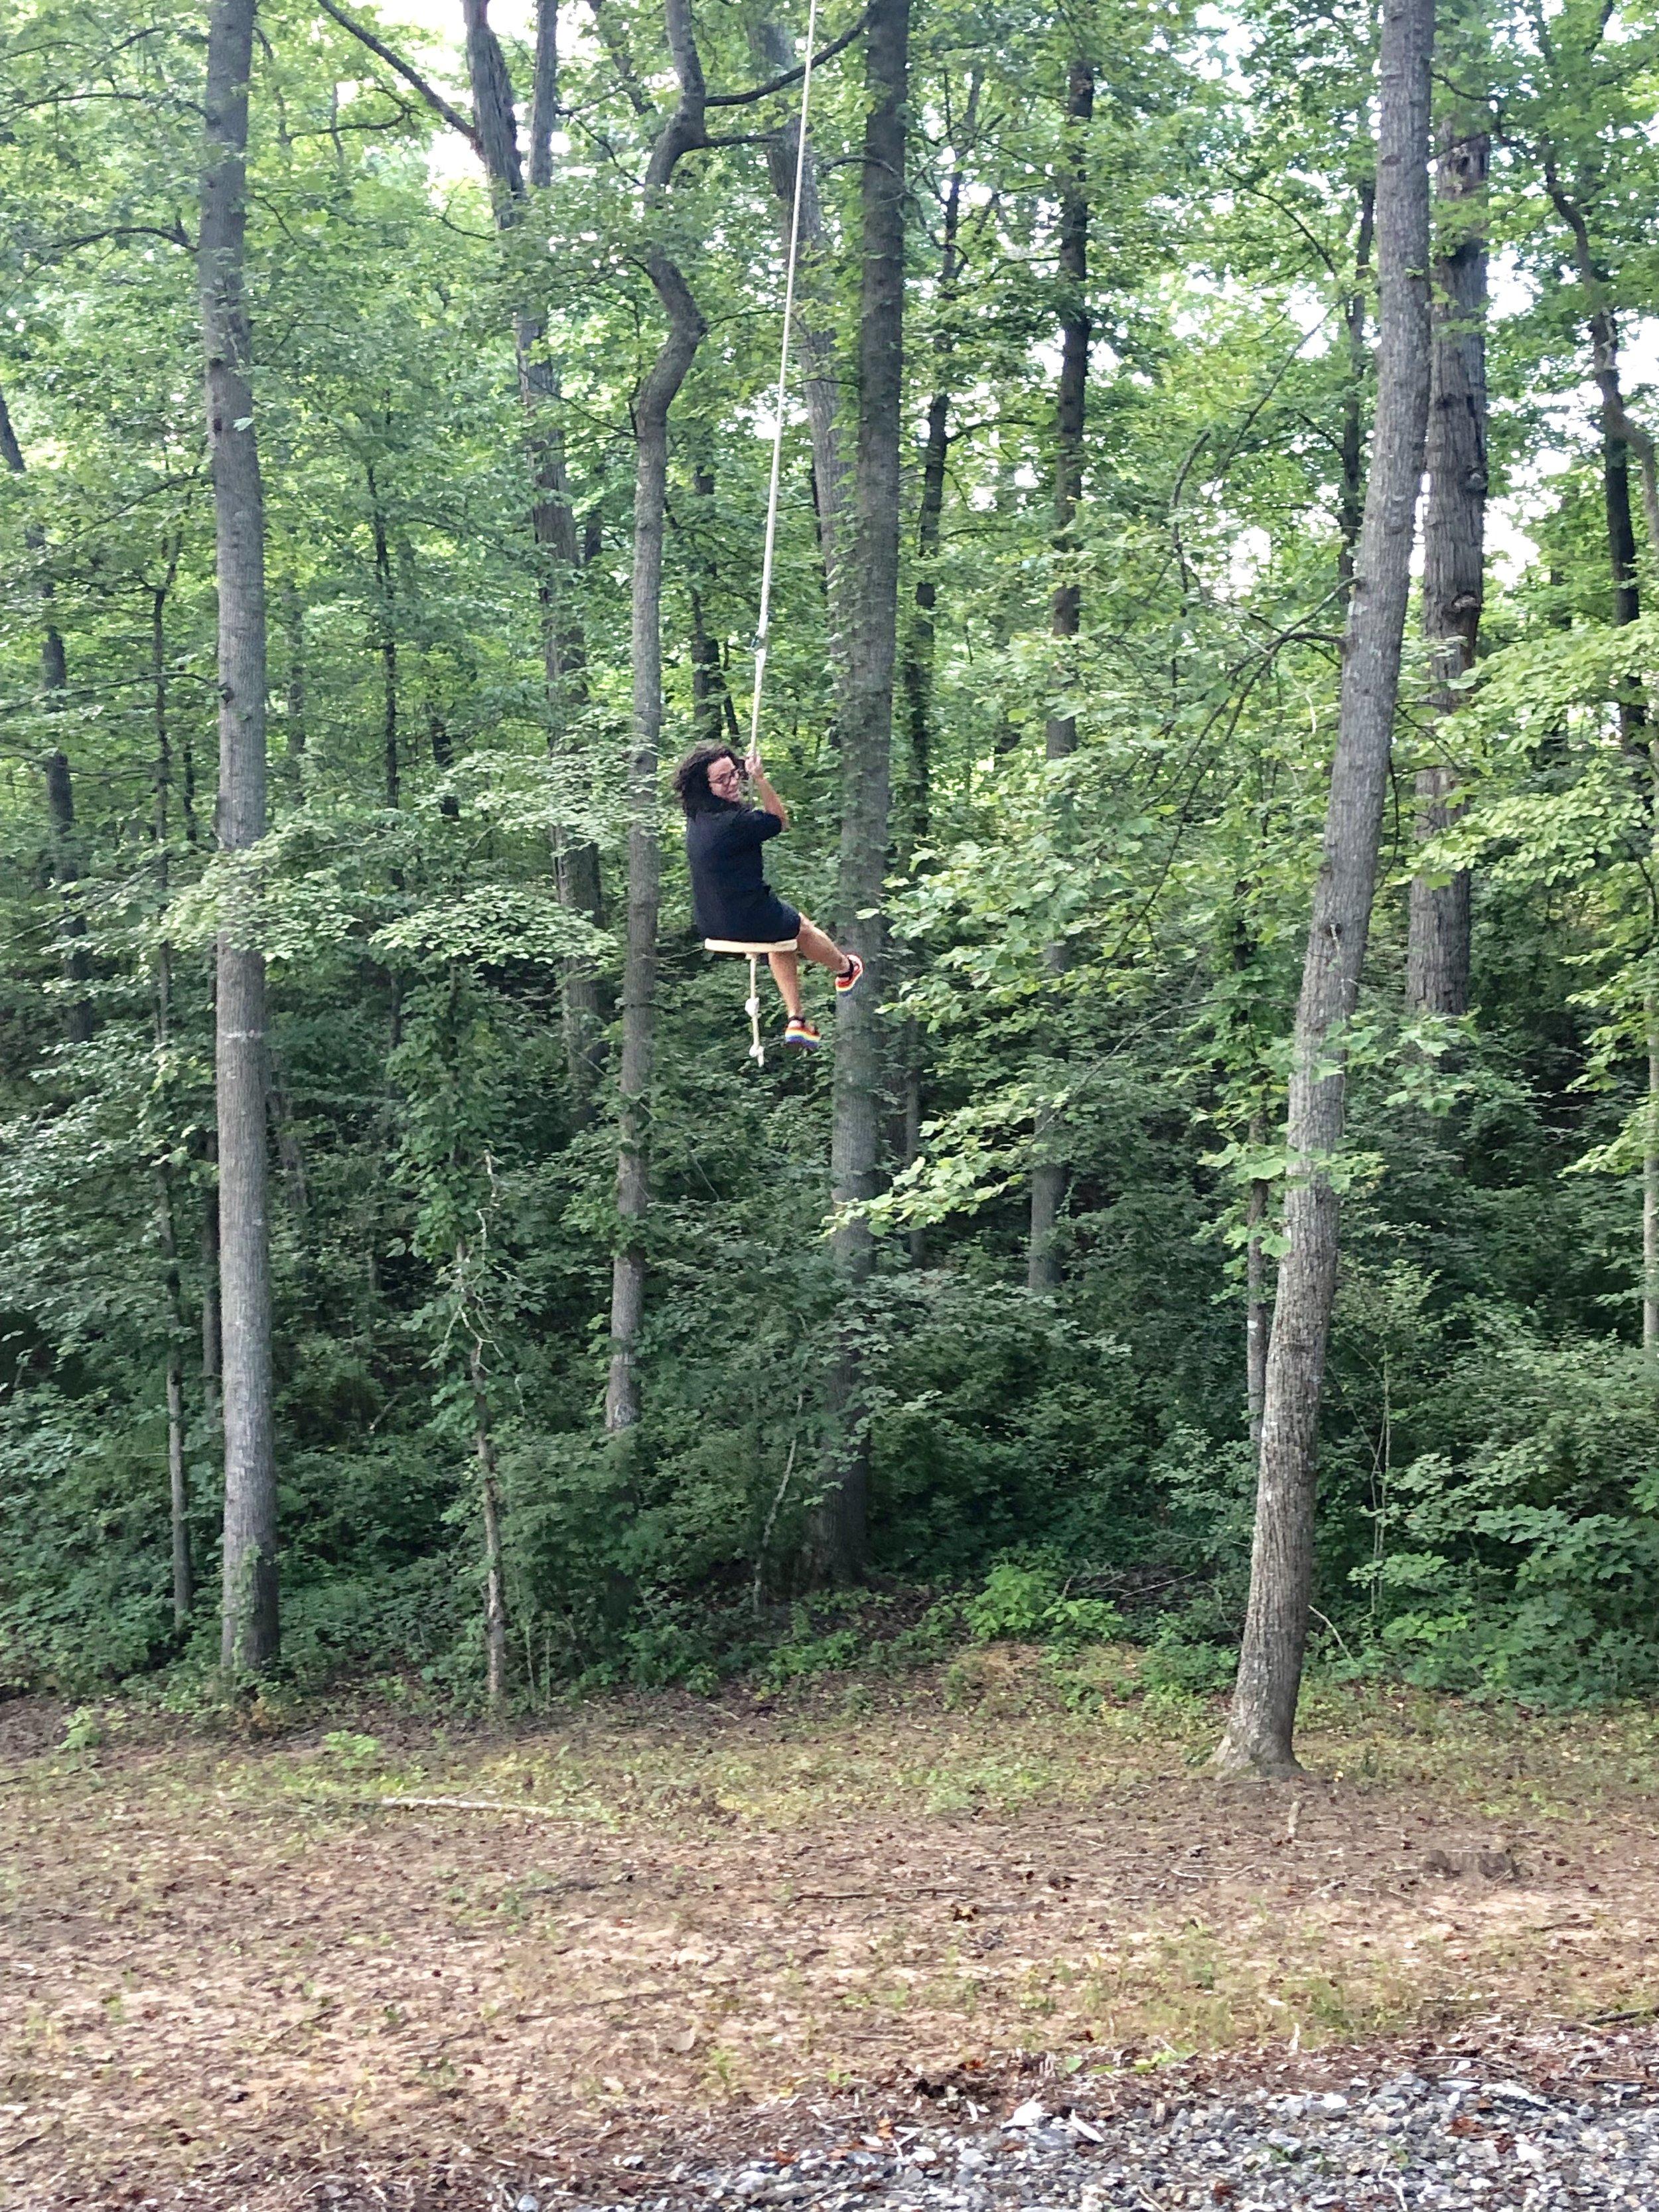 Lori on Swing.jpg